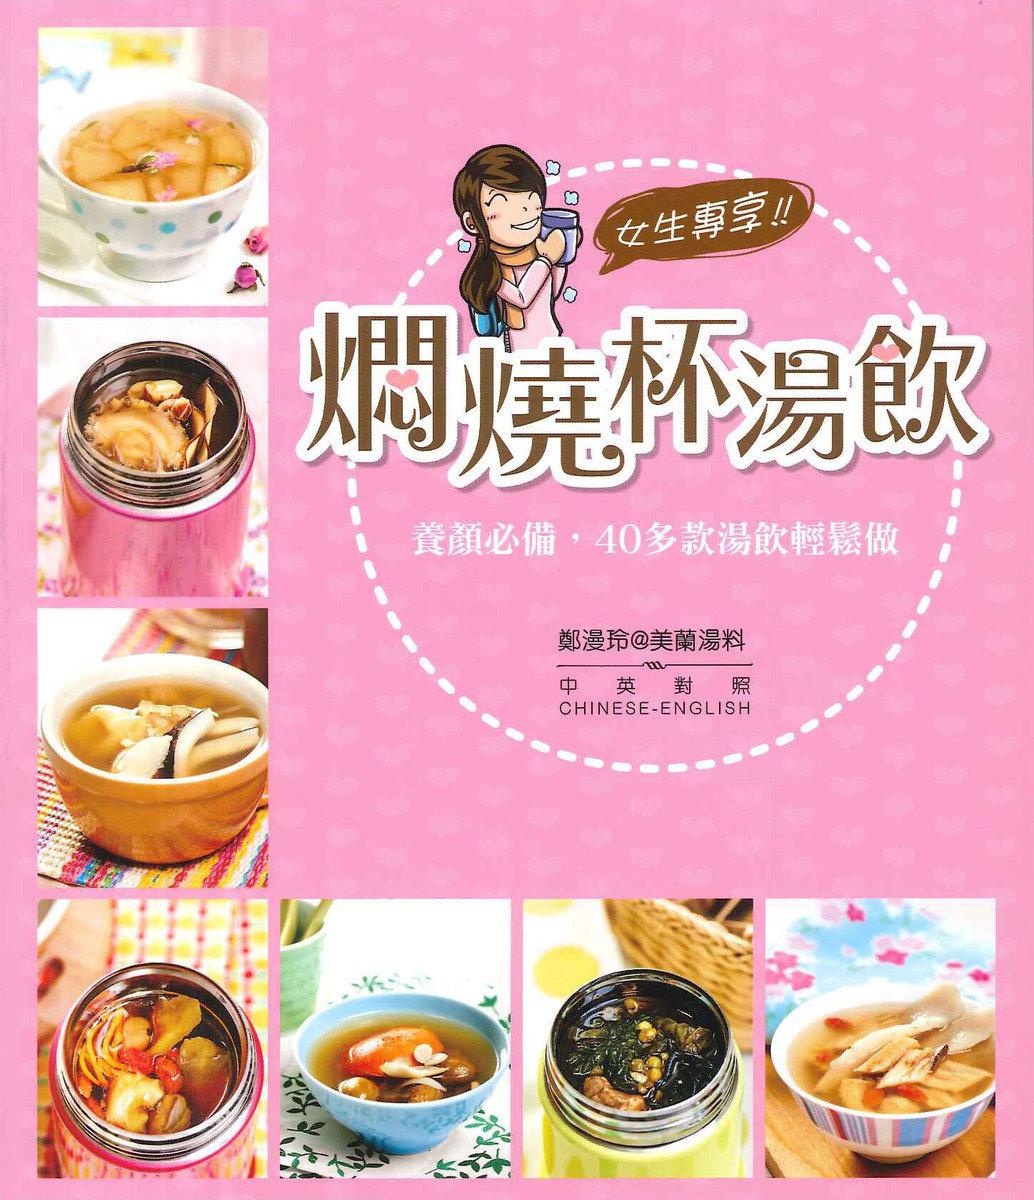 新世代廚房-女生專享!燜燒杯湯飲